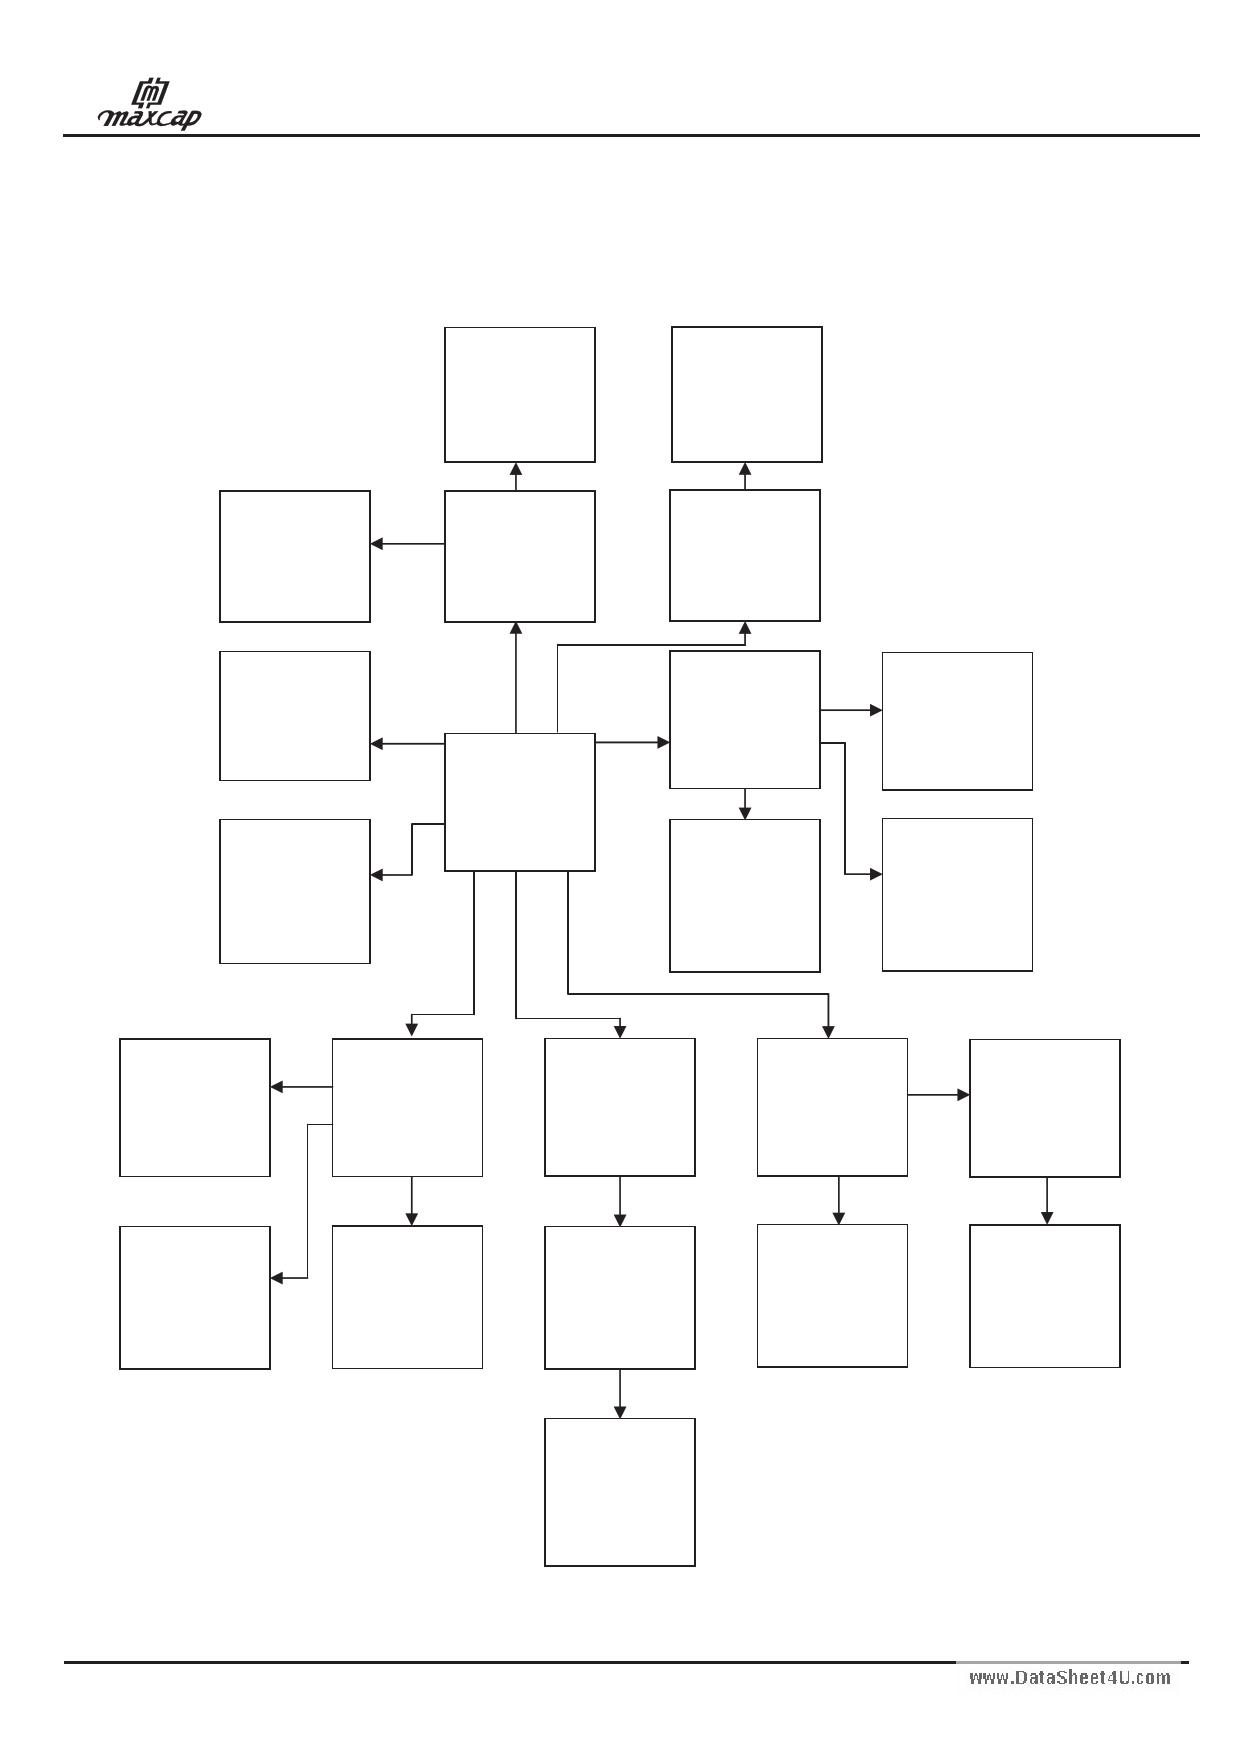 E050224M pdf